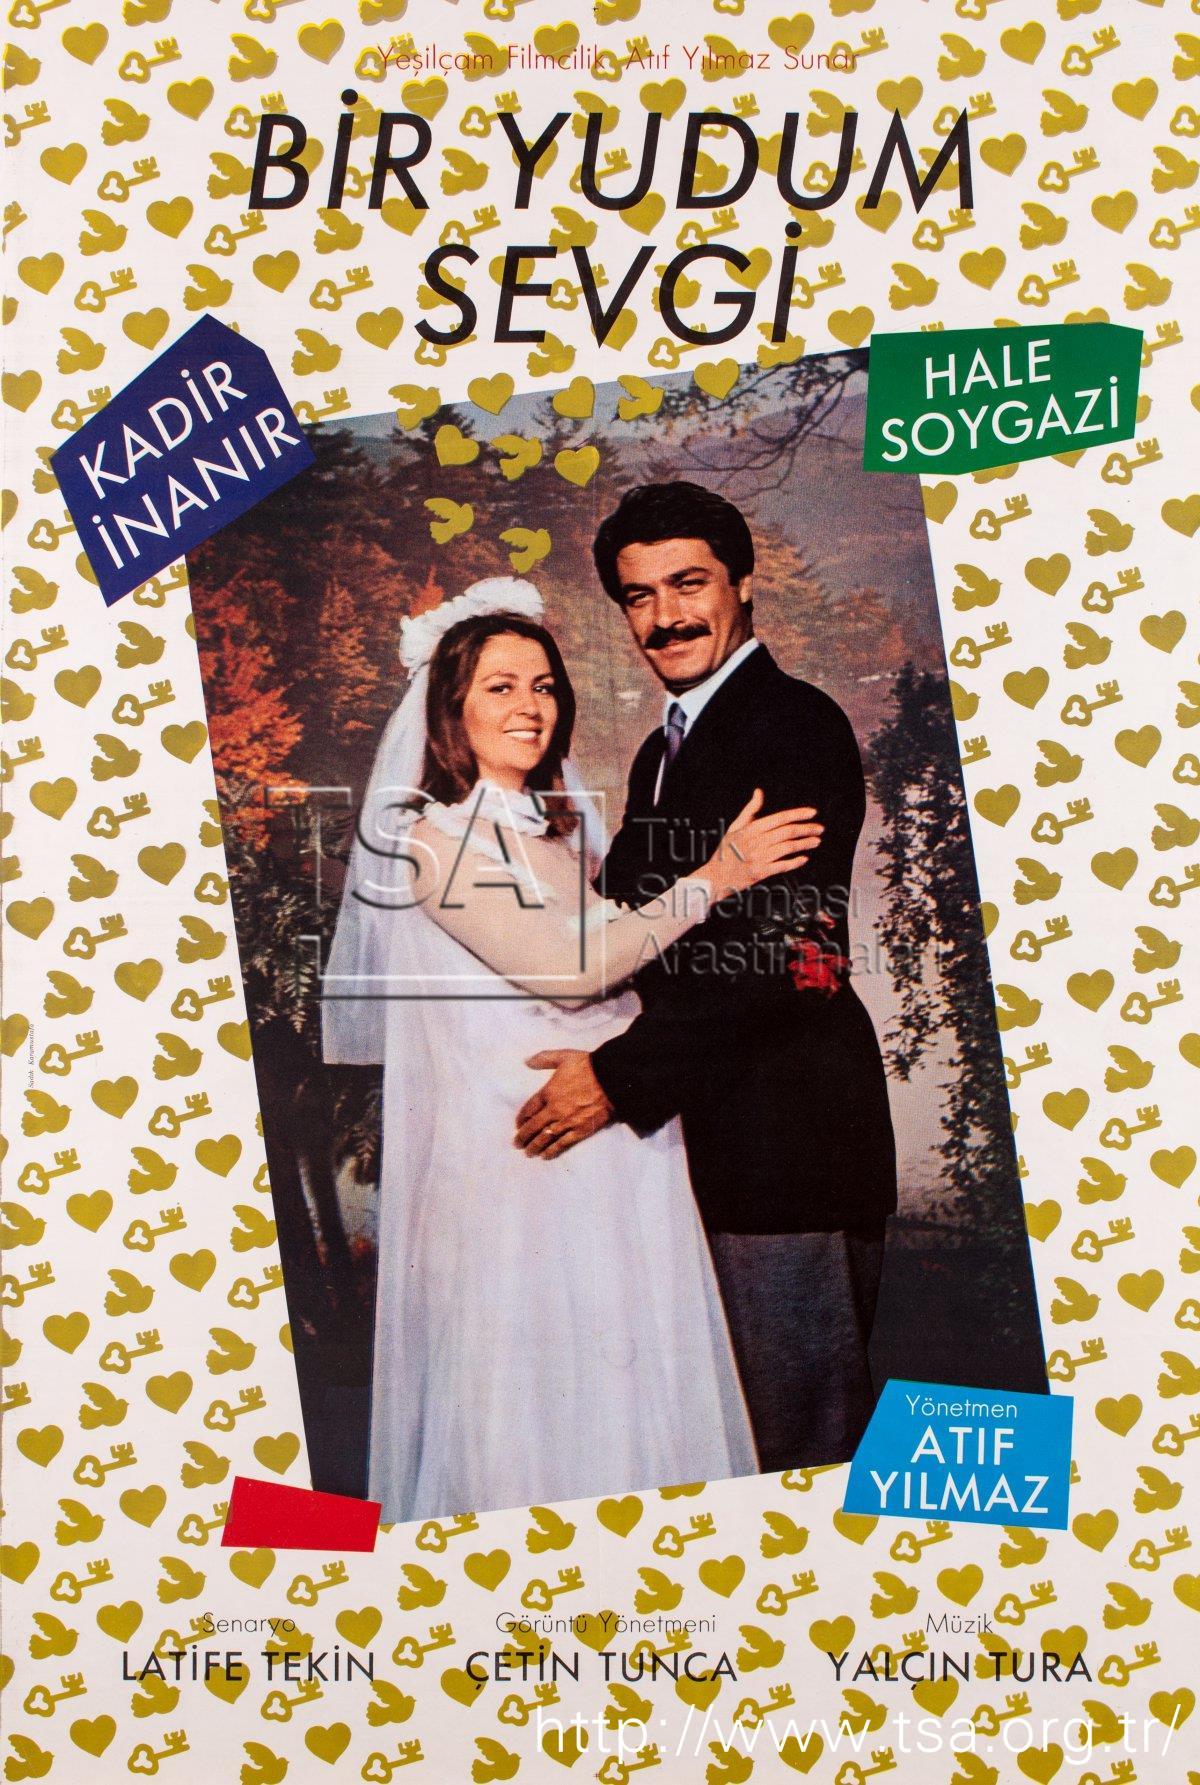 Bir Yudum Sevgi 1984 (DVDRip XviD) Yeşilçam Filmi indir